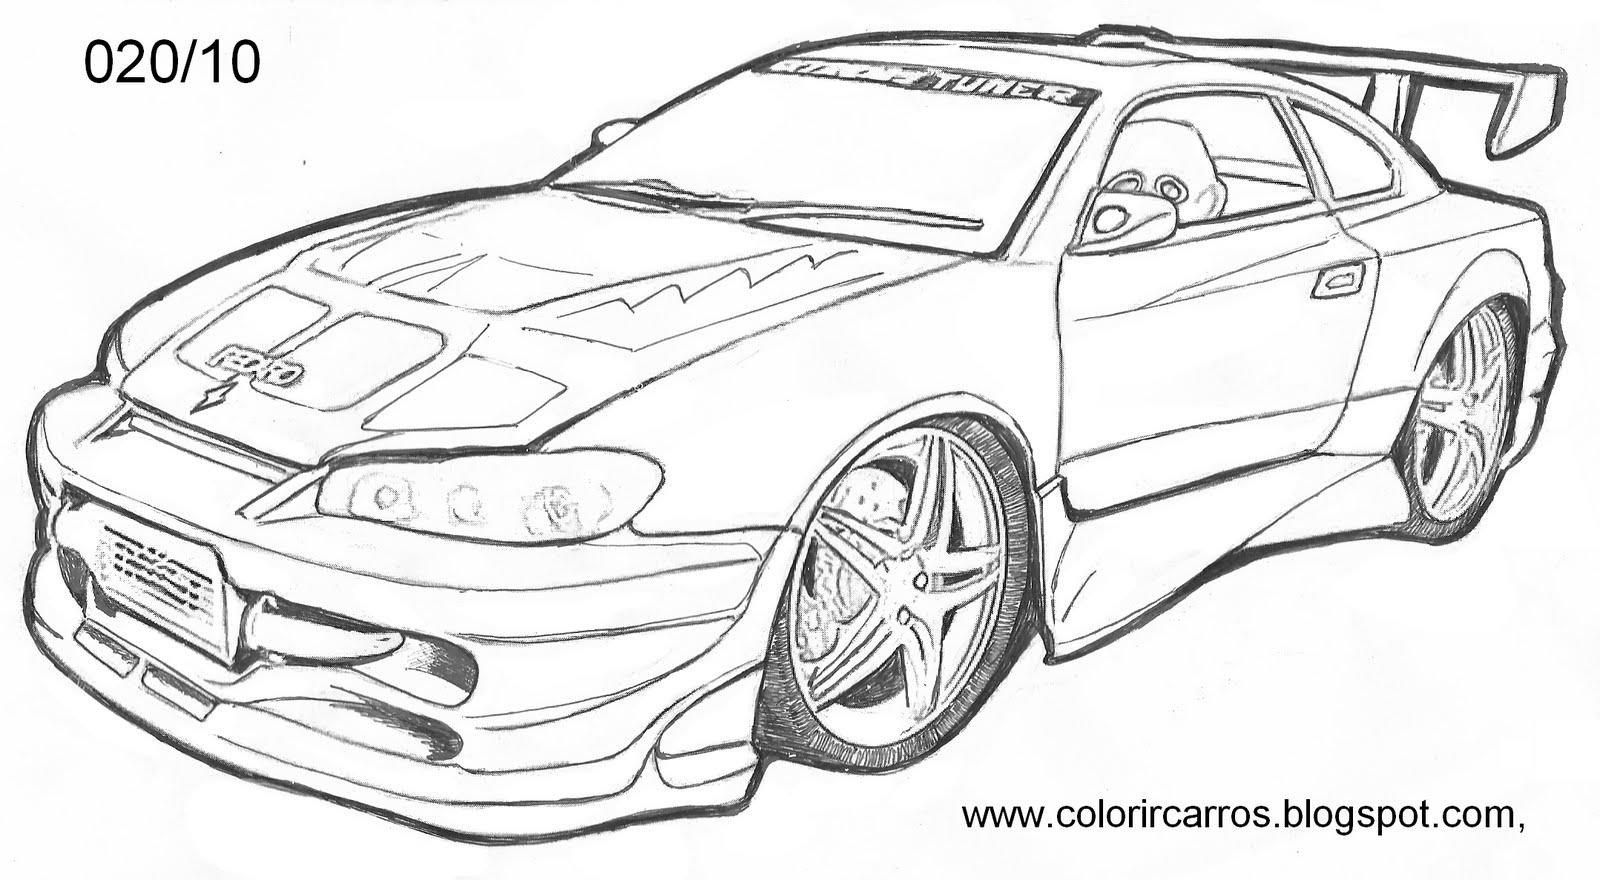 chevy corvette coloring pages - carros esportivos para colorir pra colorir e rabiscar